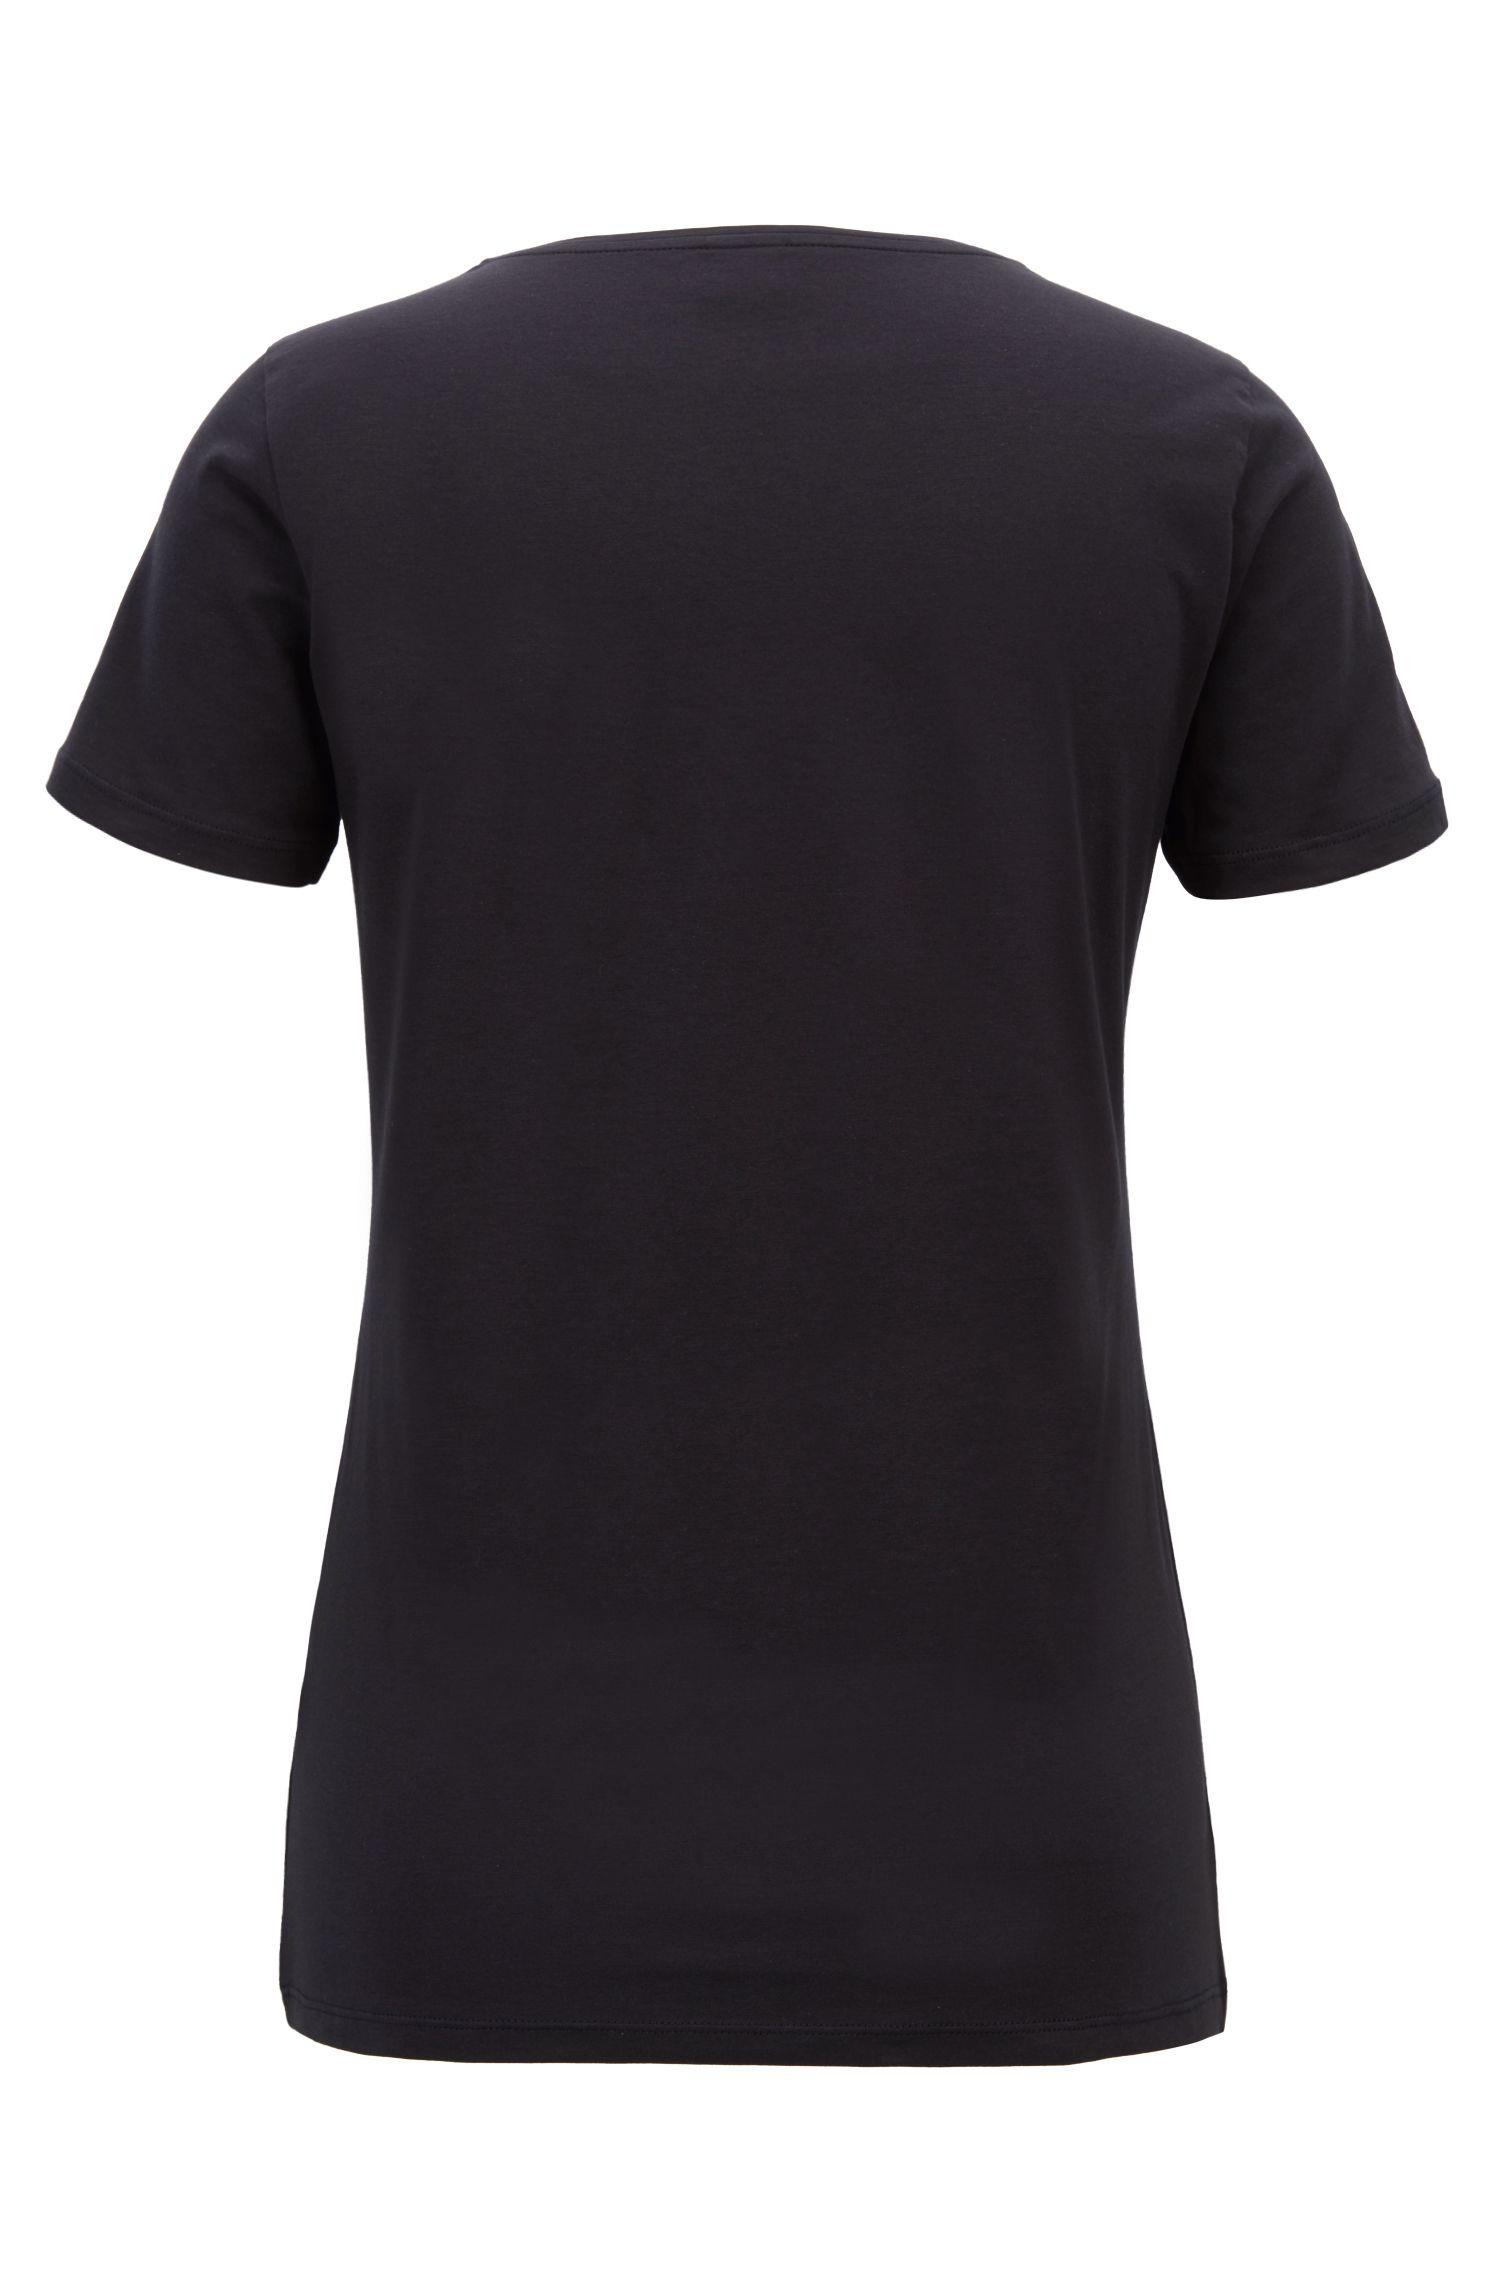 T-shirt slim fit in cotone con stampa grafica mista, Blue Scuro